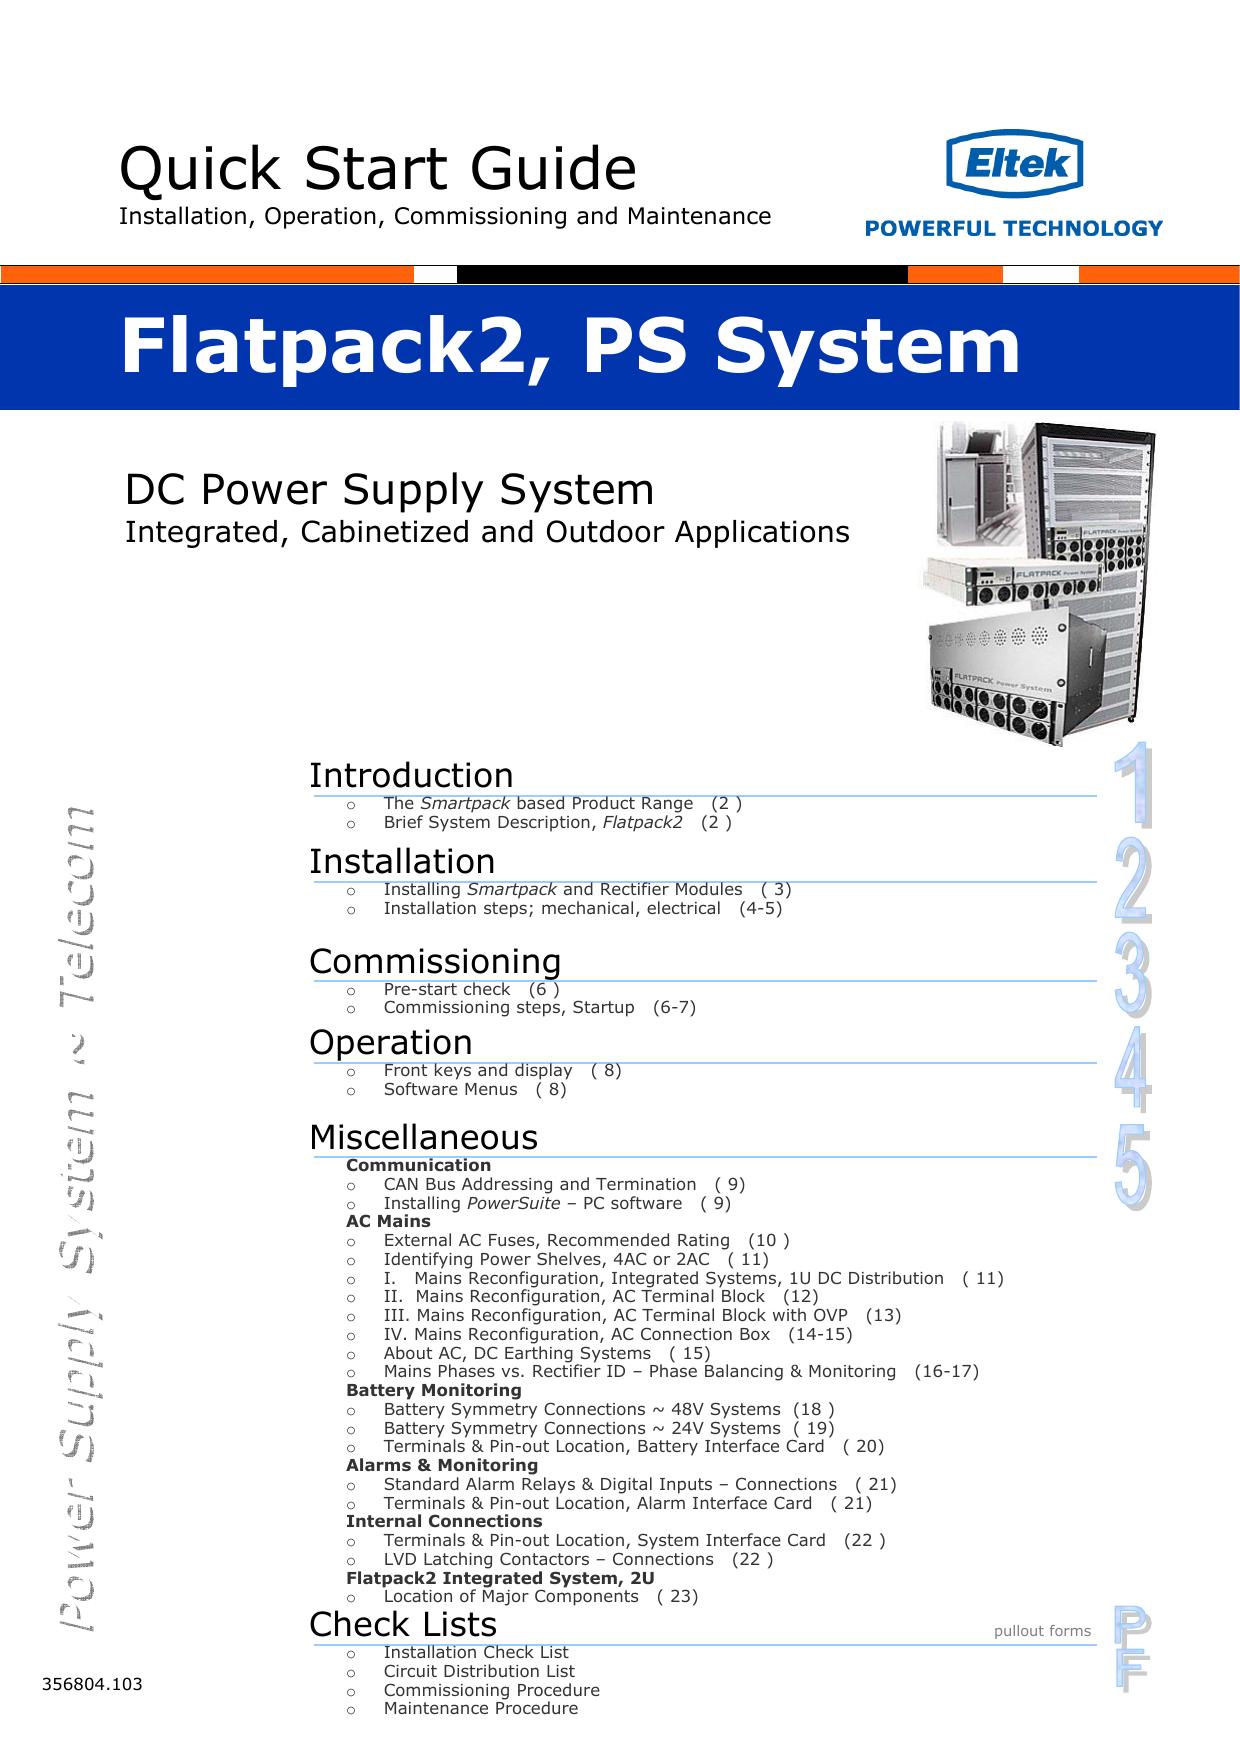 flatpack2 ps system manualzz com rh manualzz com